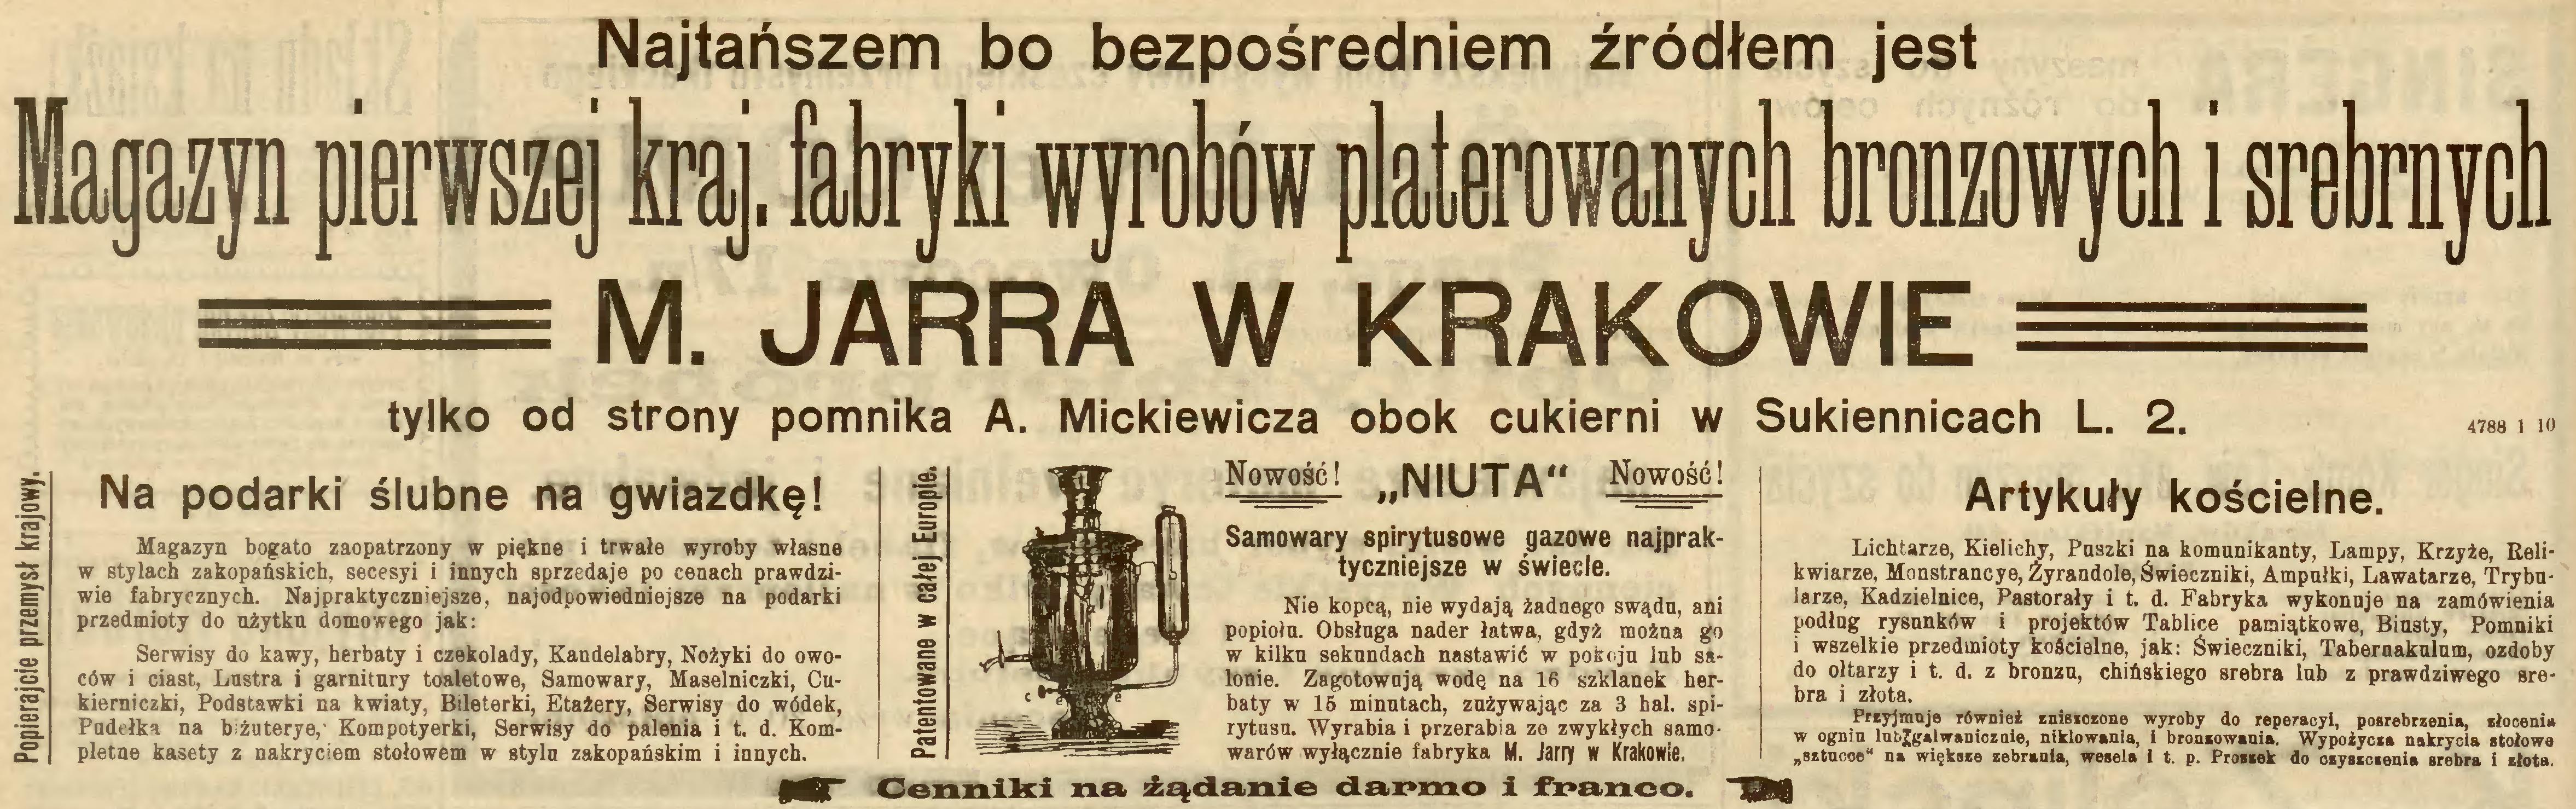 """Reklama firmy M. Jarry w prasie, źródło: """"Nowa Reforma"""" 1906, nr 251 (4 XI)"""